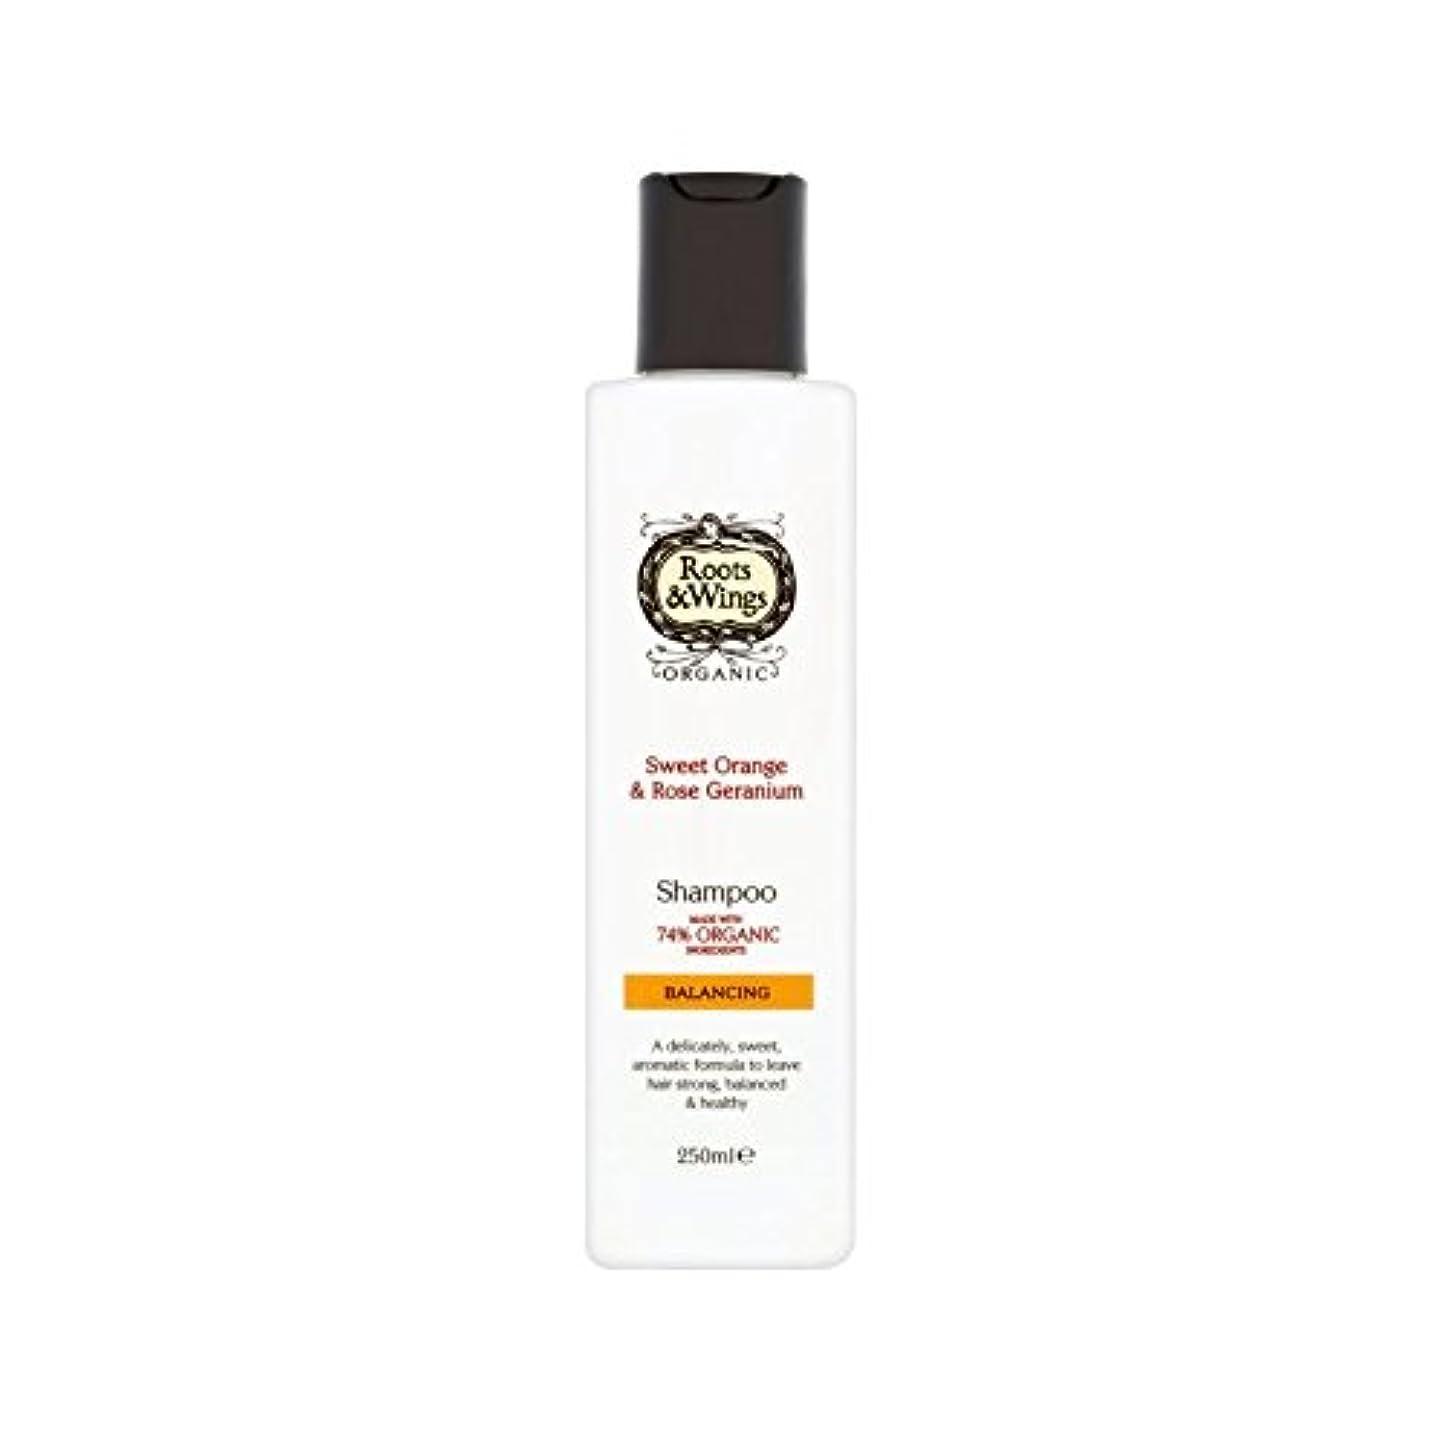 ビクター台無しに九時四十五分スイートオレンジ&ゼラニウムのシャンプー250ミリリットルをバラ (Roots & Wings) (x 6) - Roots & Wings Sweet Orange & Rose Geranium Shampoo 250ml (Pack of 6) [並行輸入品]